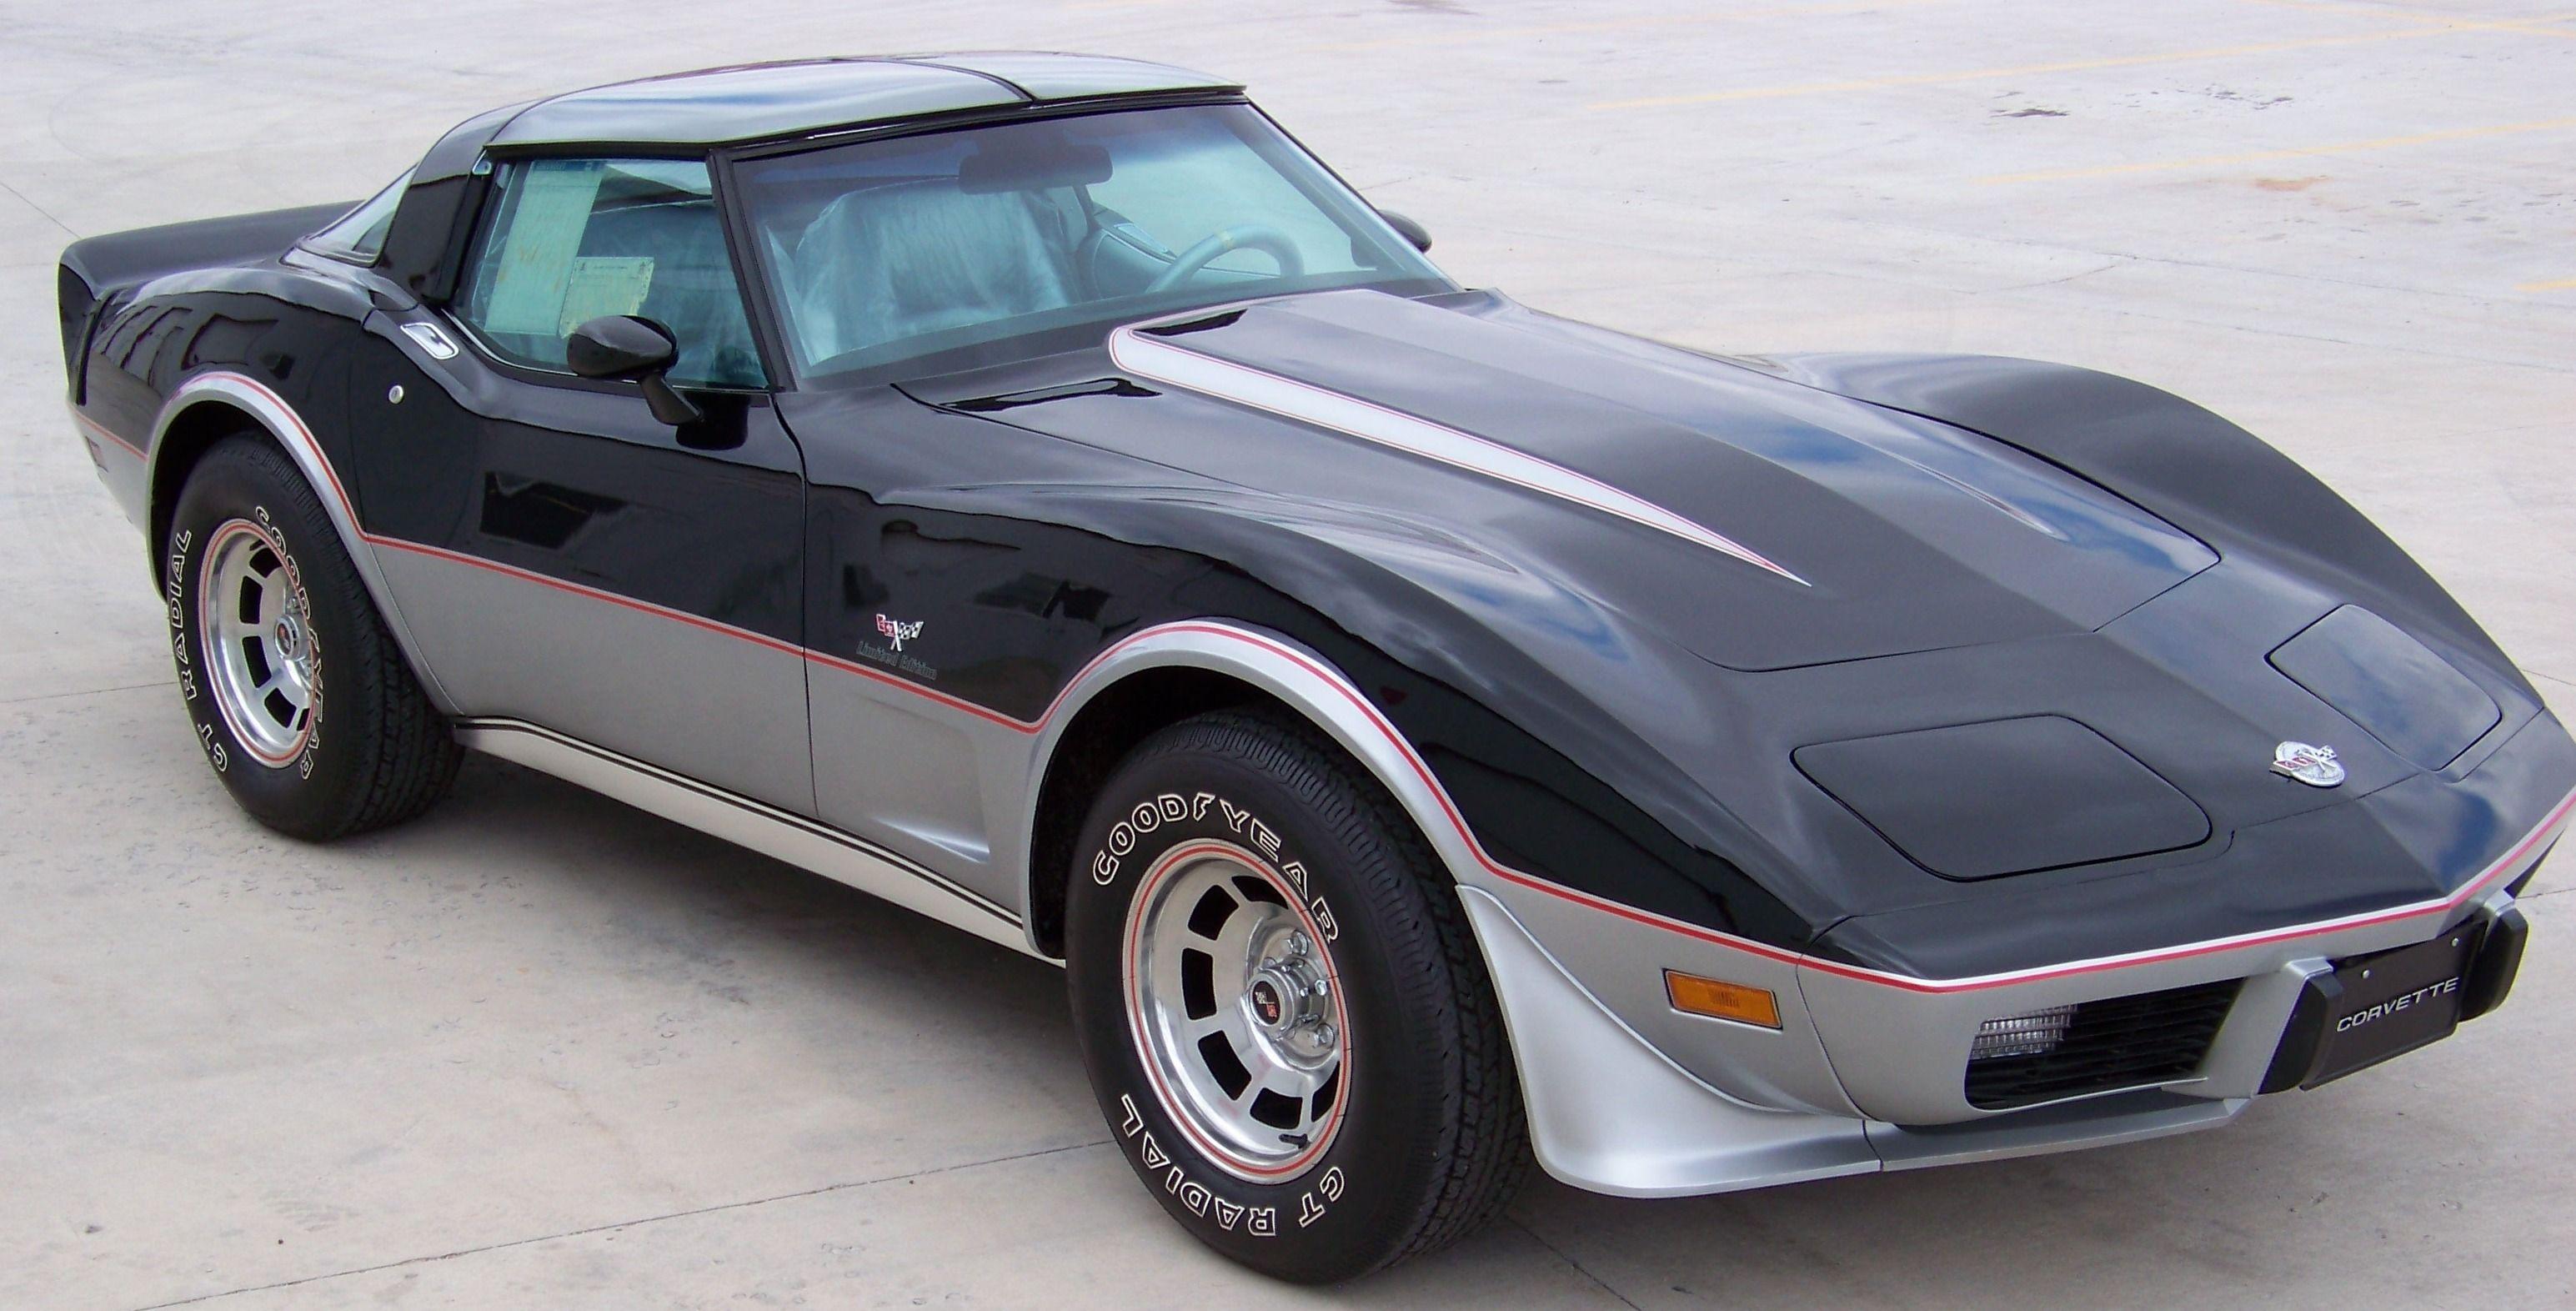 78 corvette 25th anniversary edition